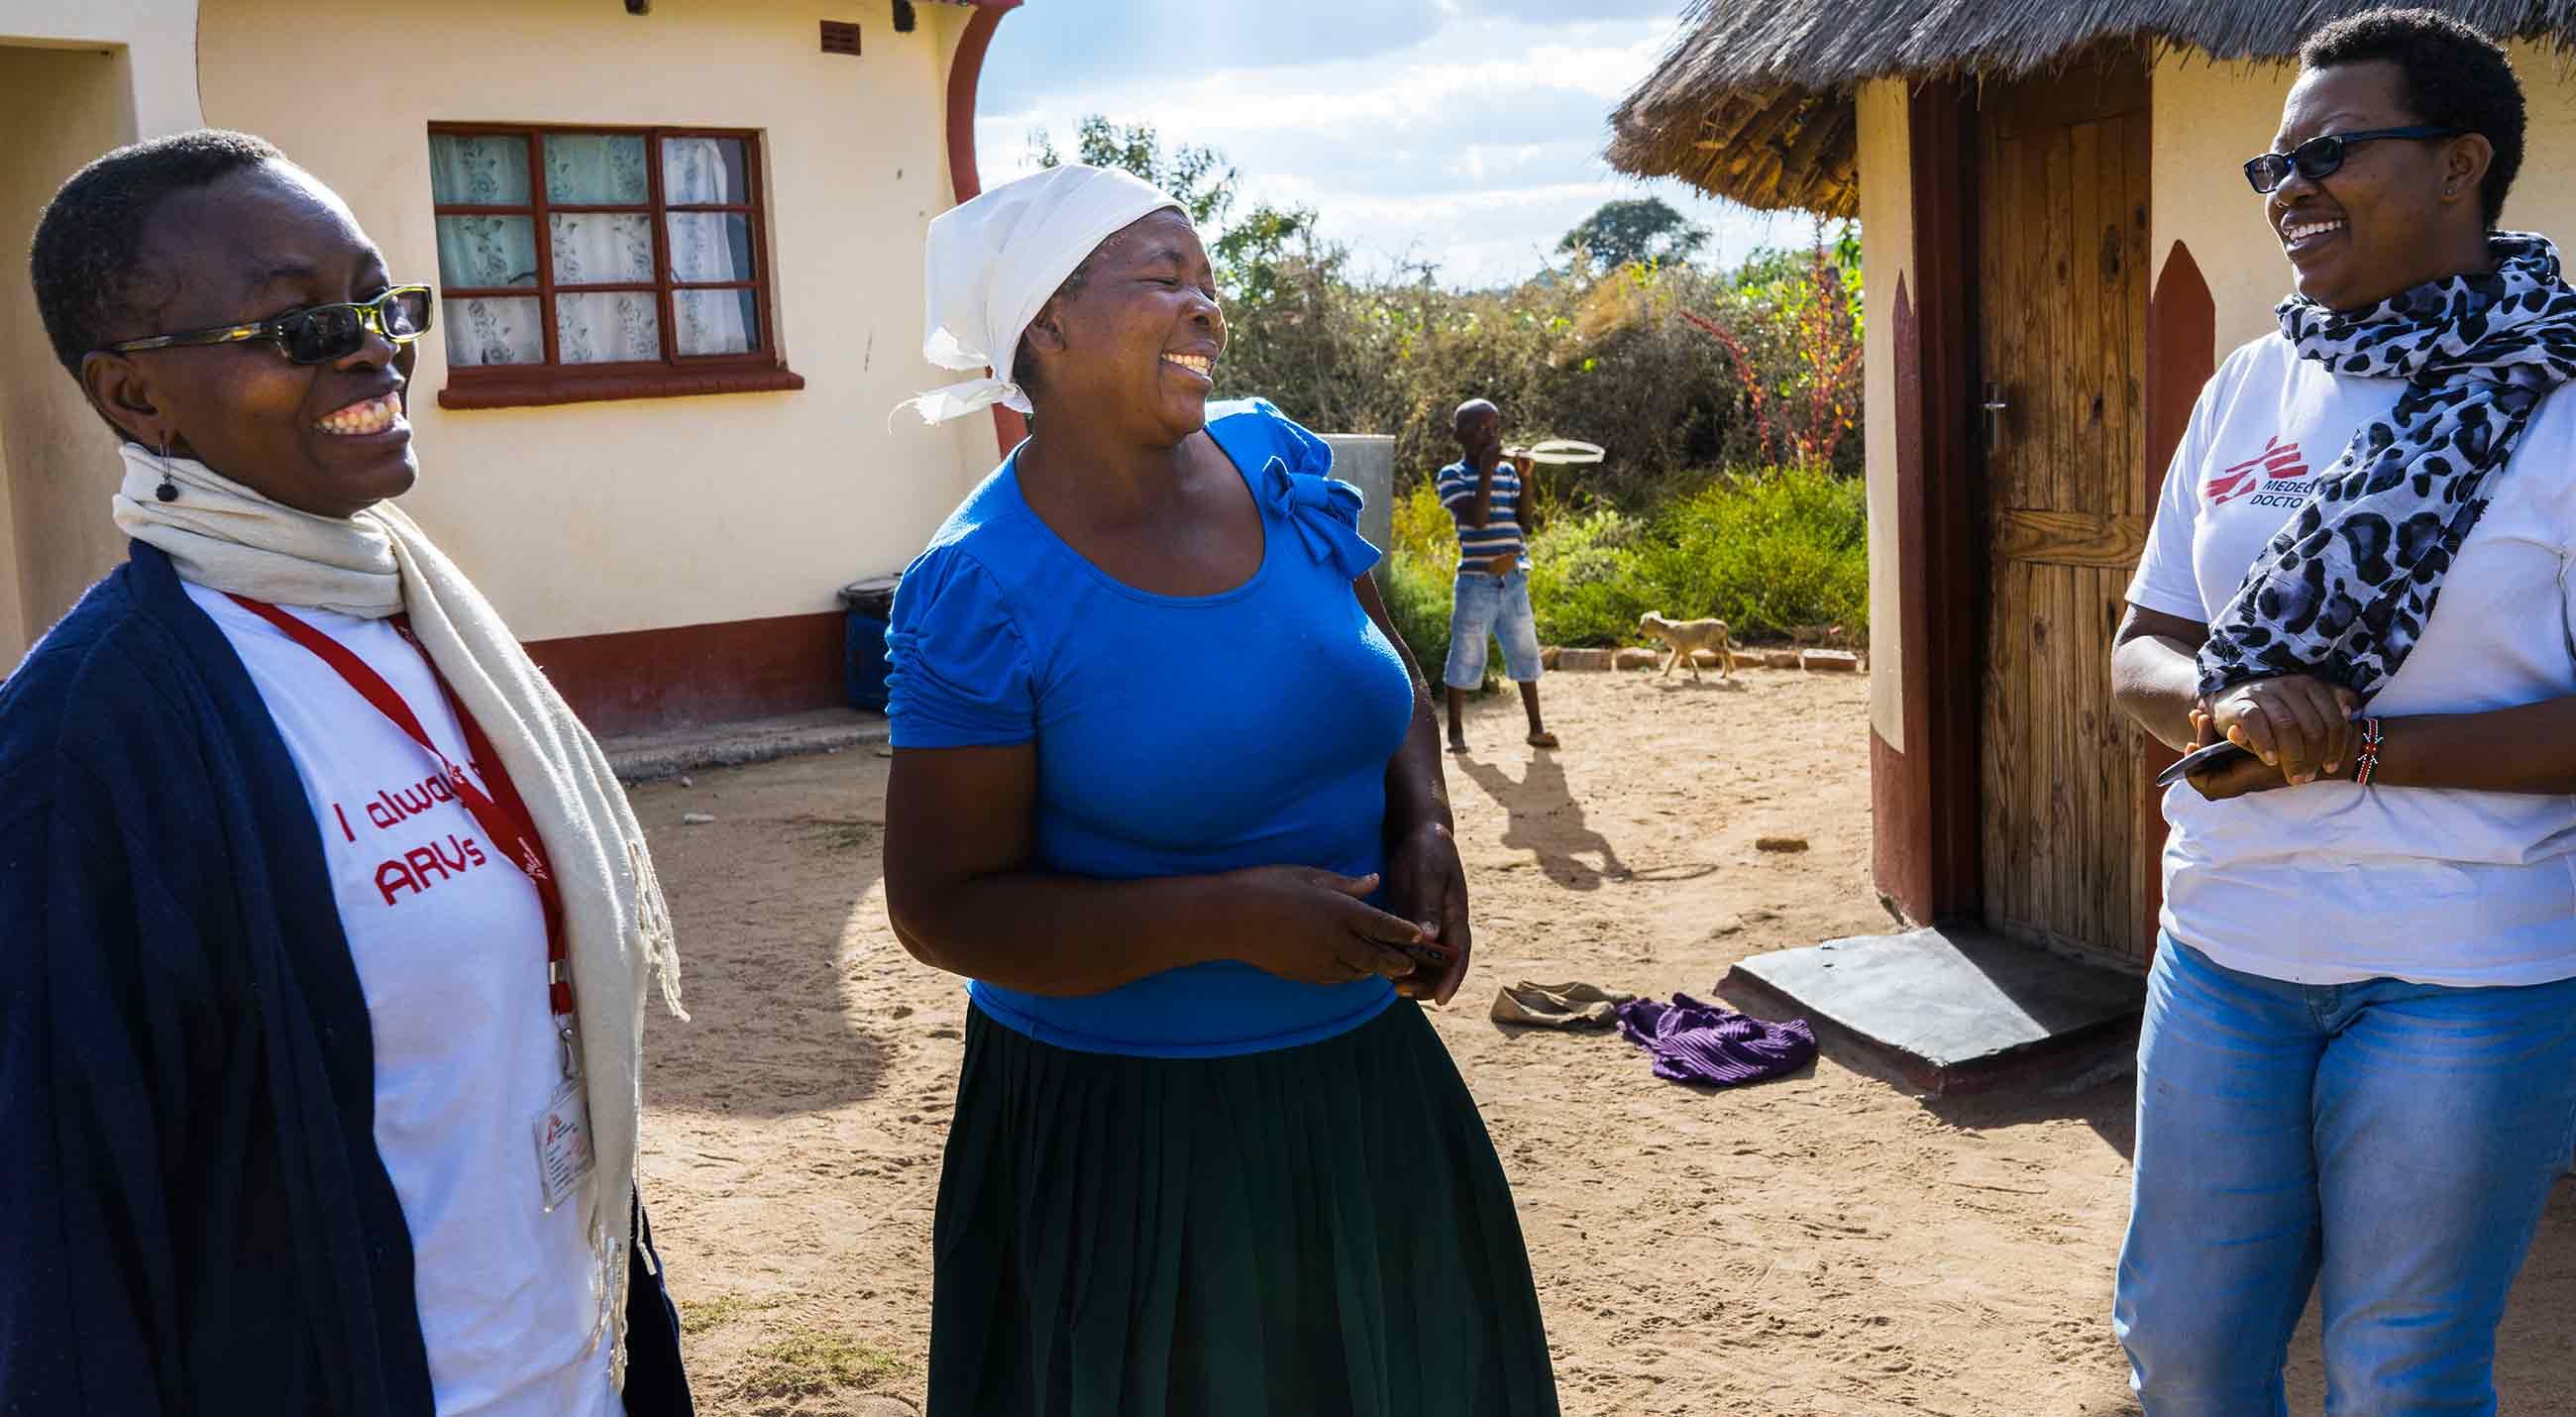 Att Förhindra Livmoderhalscancer I Zimbabwe Läkare Utan Gränser